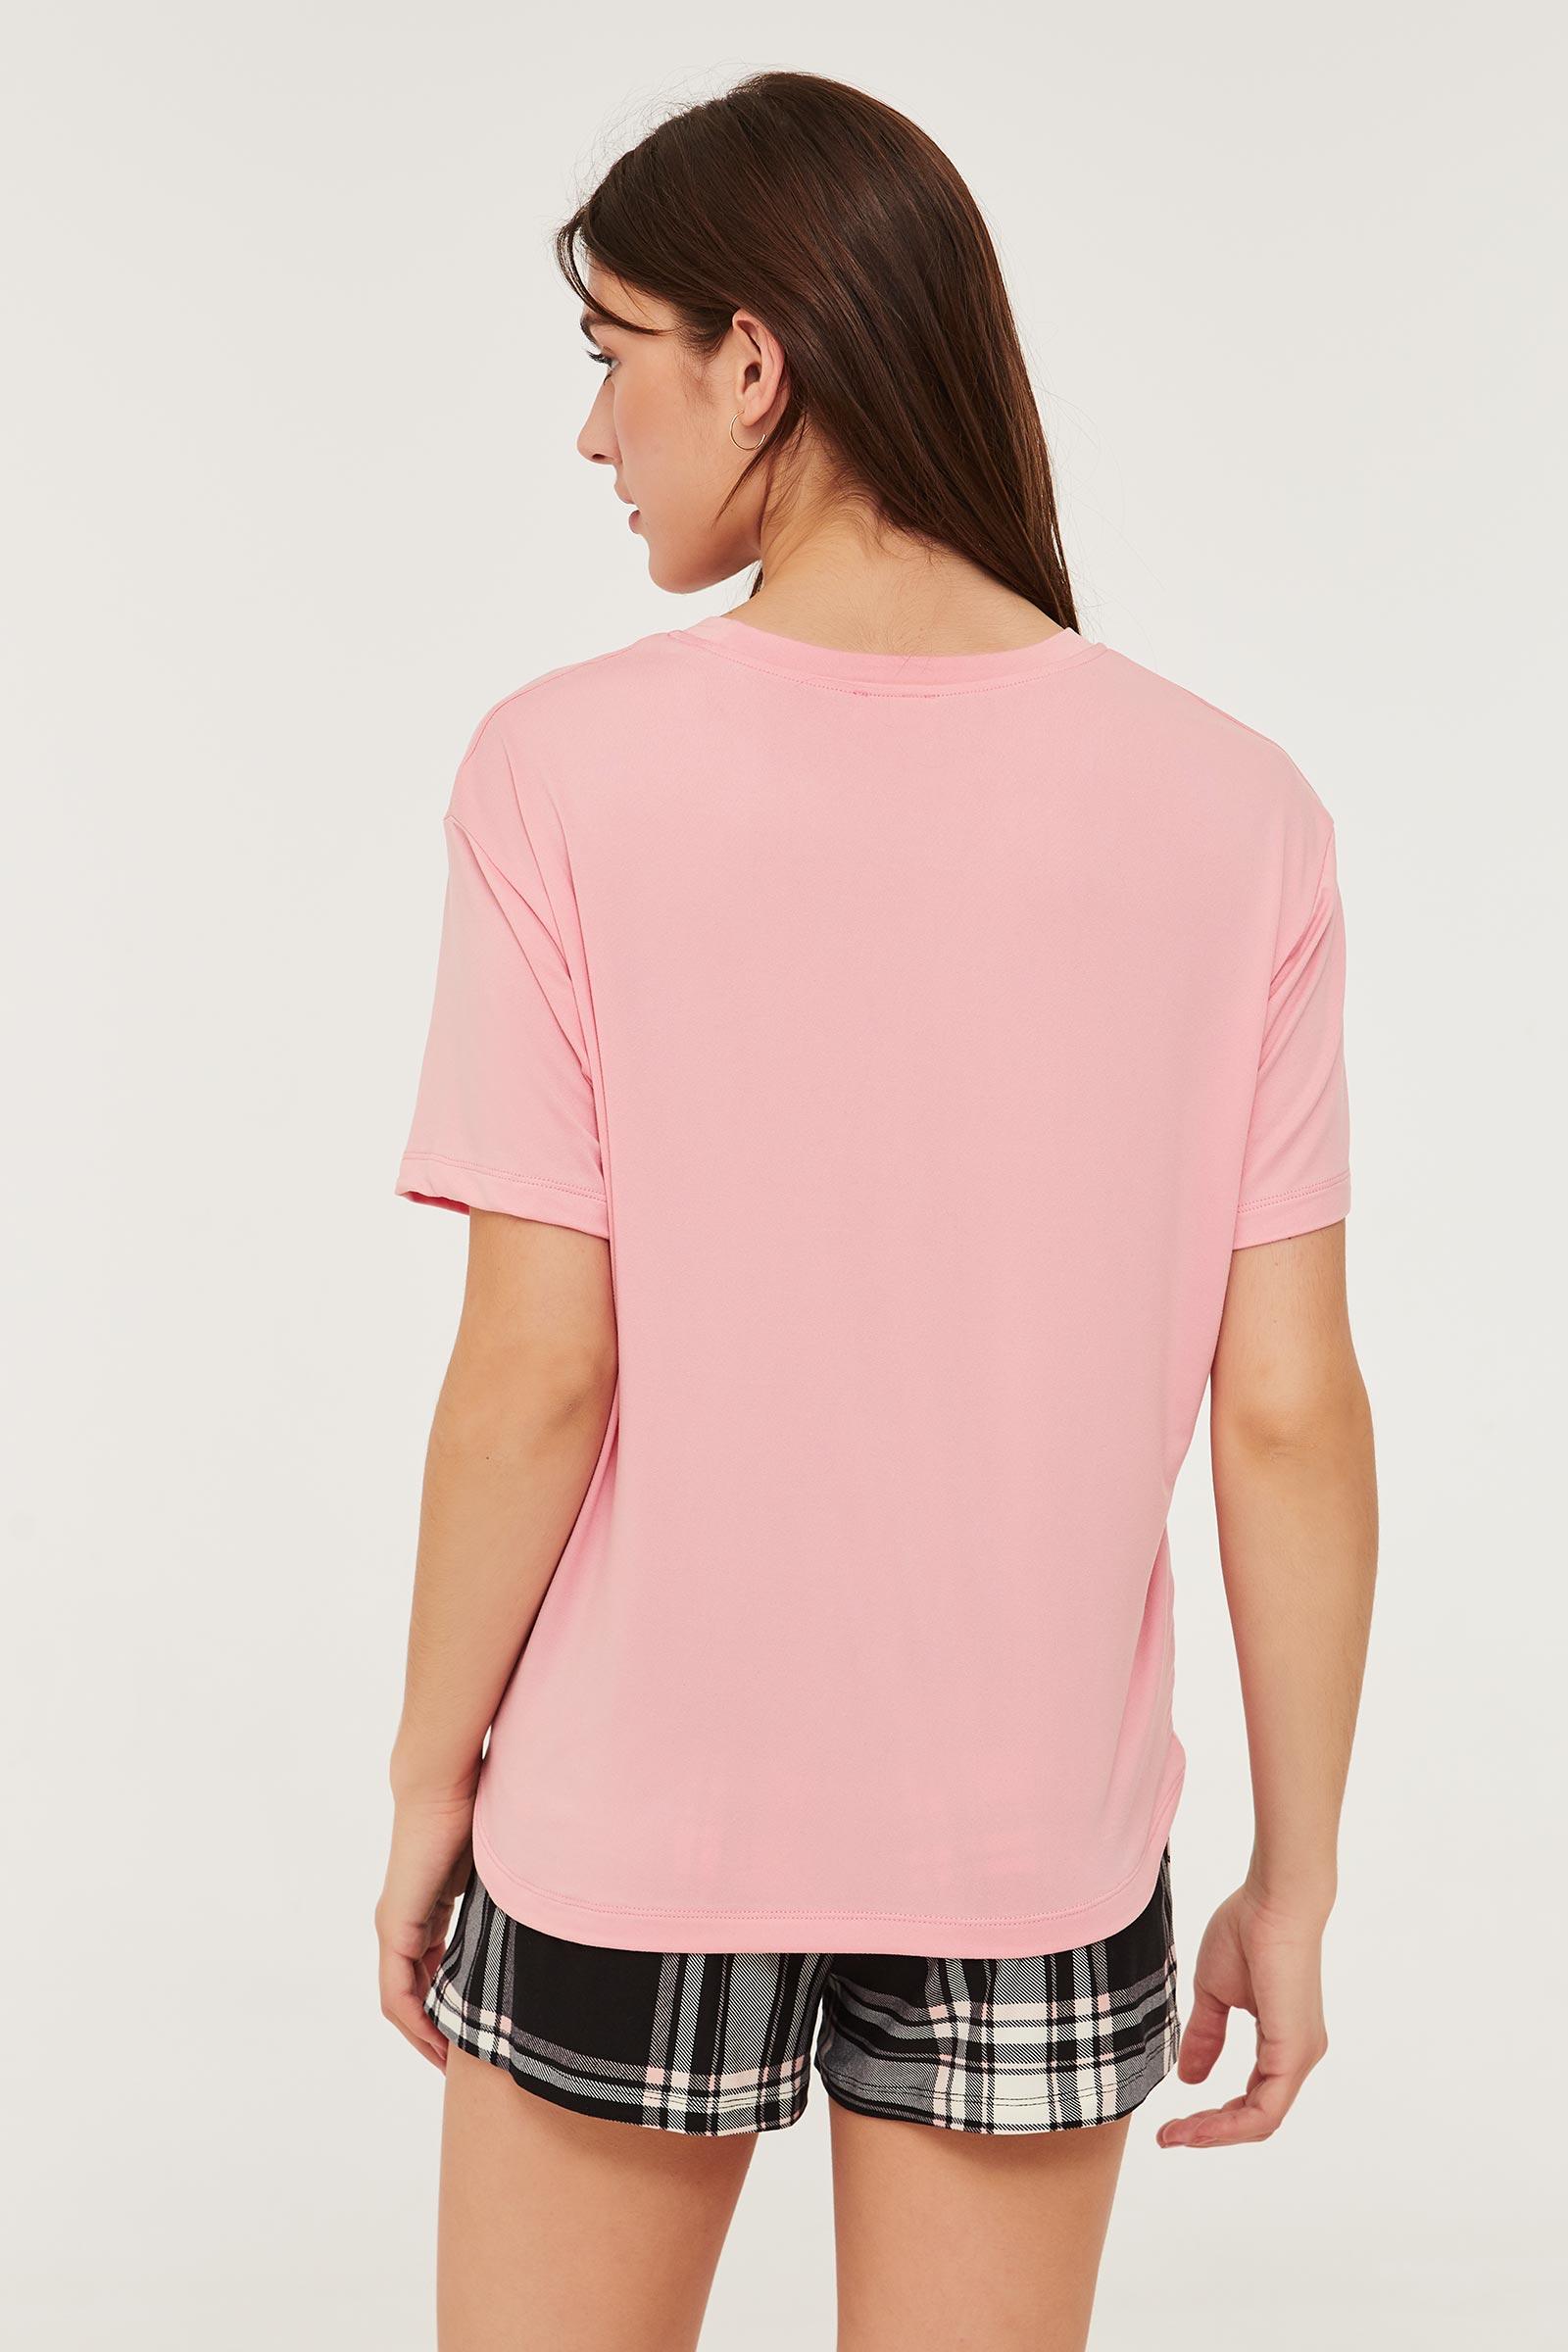 T-shirt pyjama graphique doux